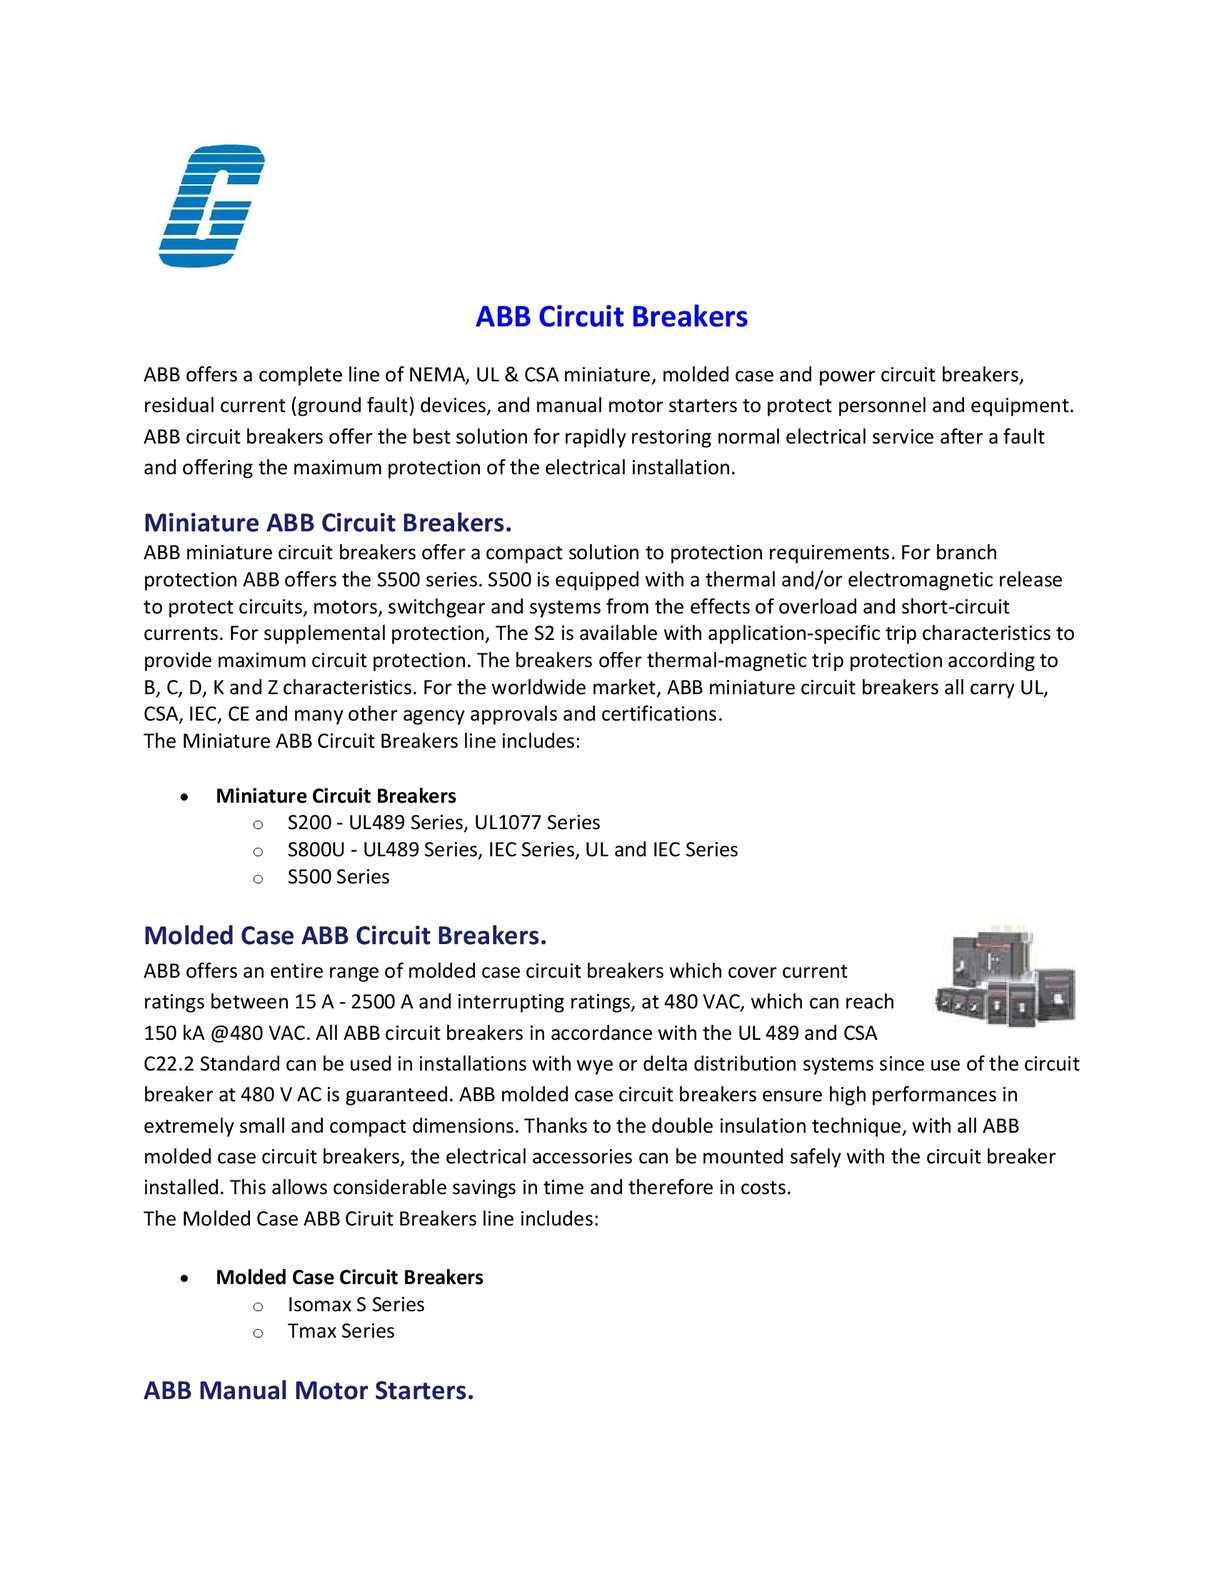 Calamo Abb Circuit Breakers Breaker For Power Distribution Motor